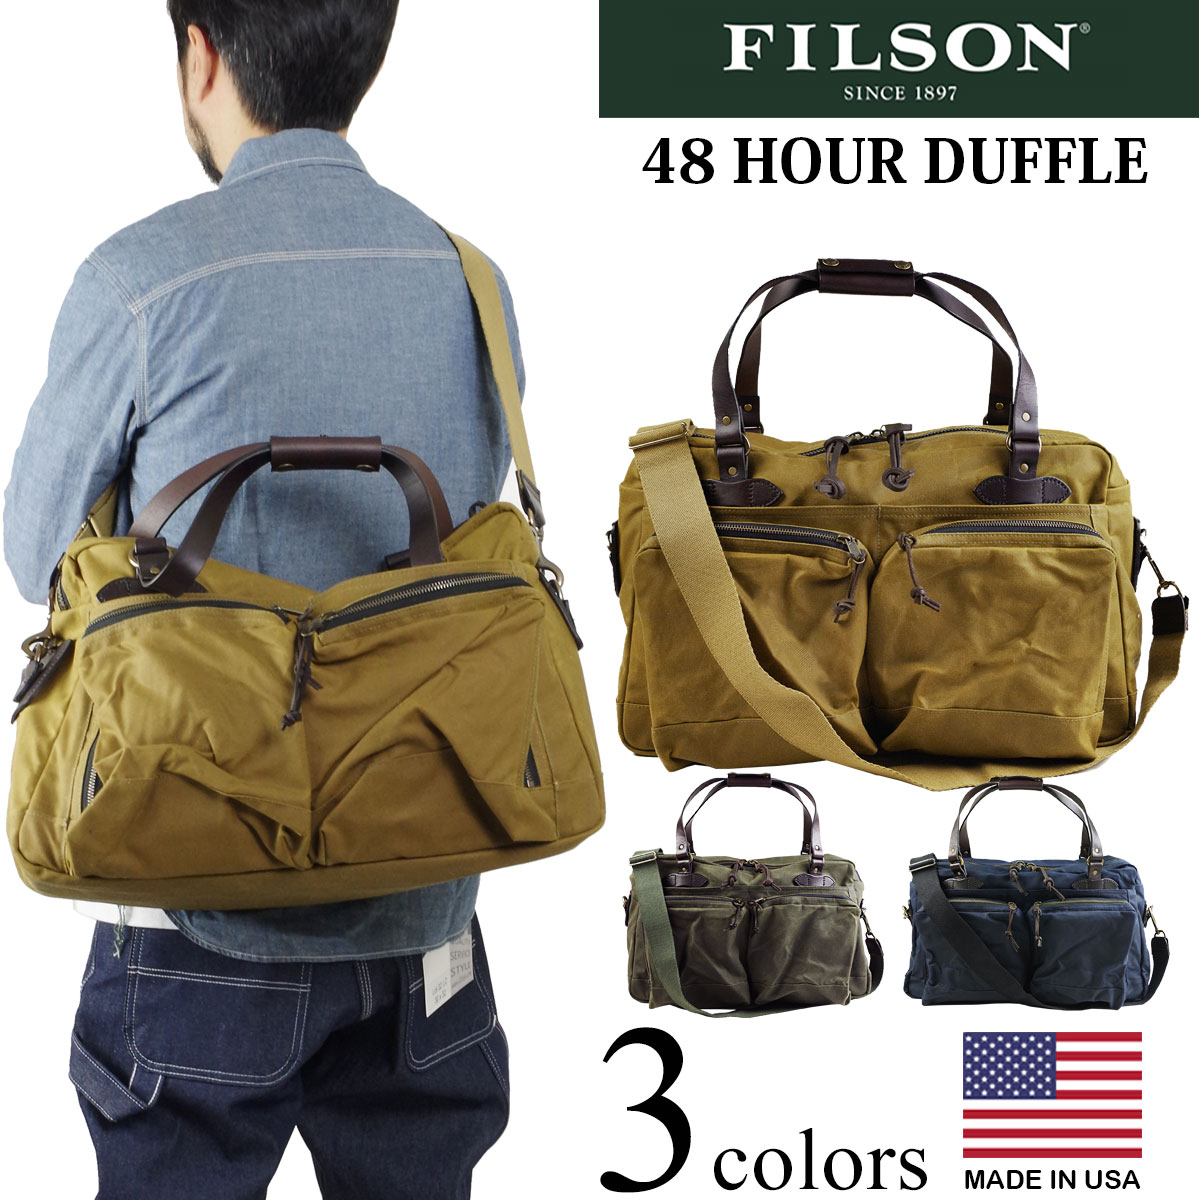 フィルソン FILSON 48アワー ダッフルバッグ (アメリカ製 米国製 48-HOUR DUFFLE ボストンバッグ 旅行用カバン ショルダーバッグ)